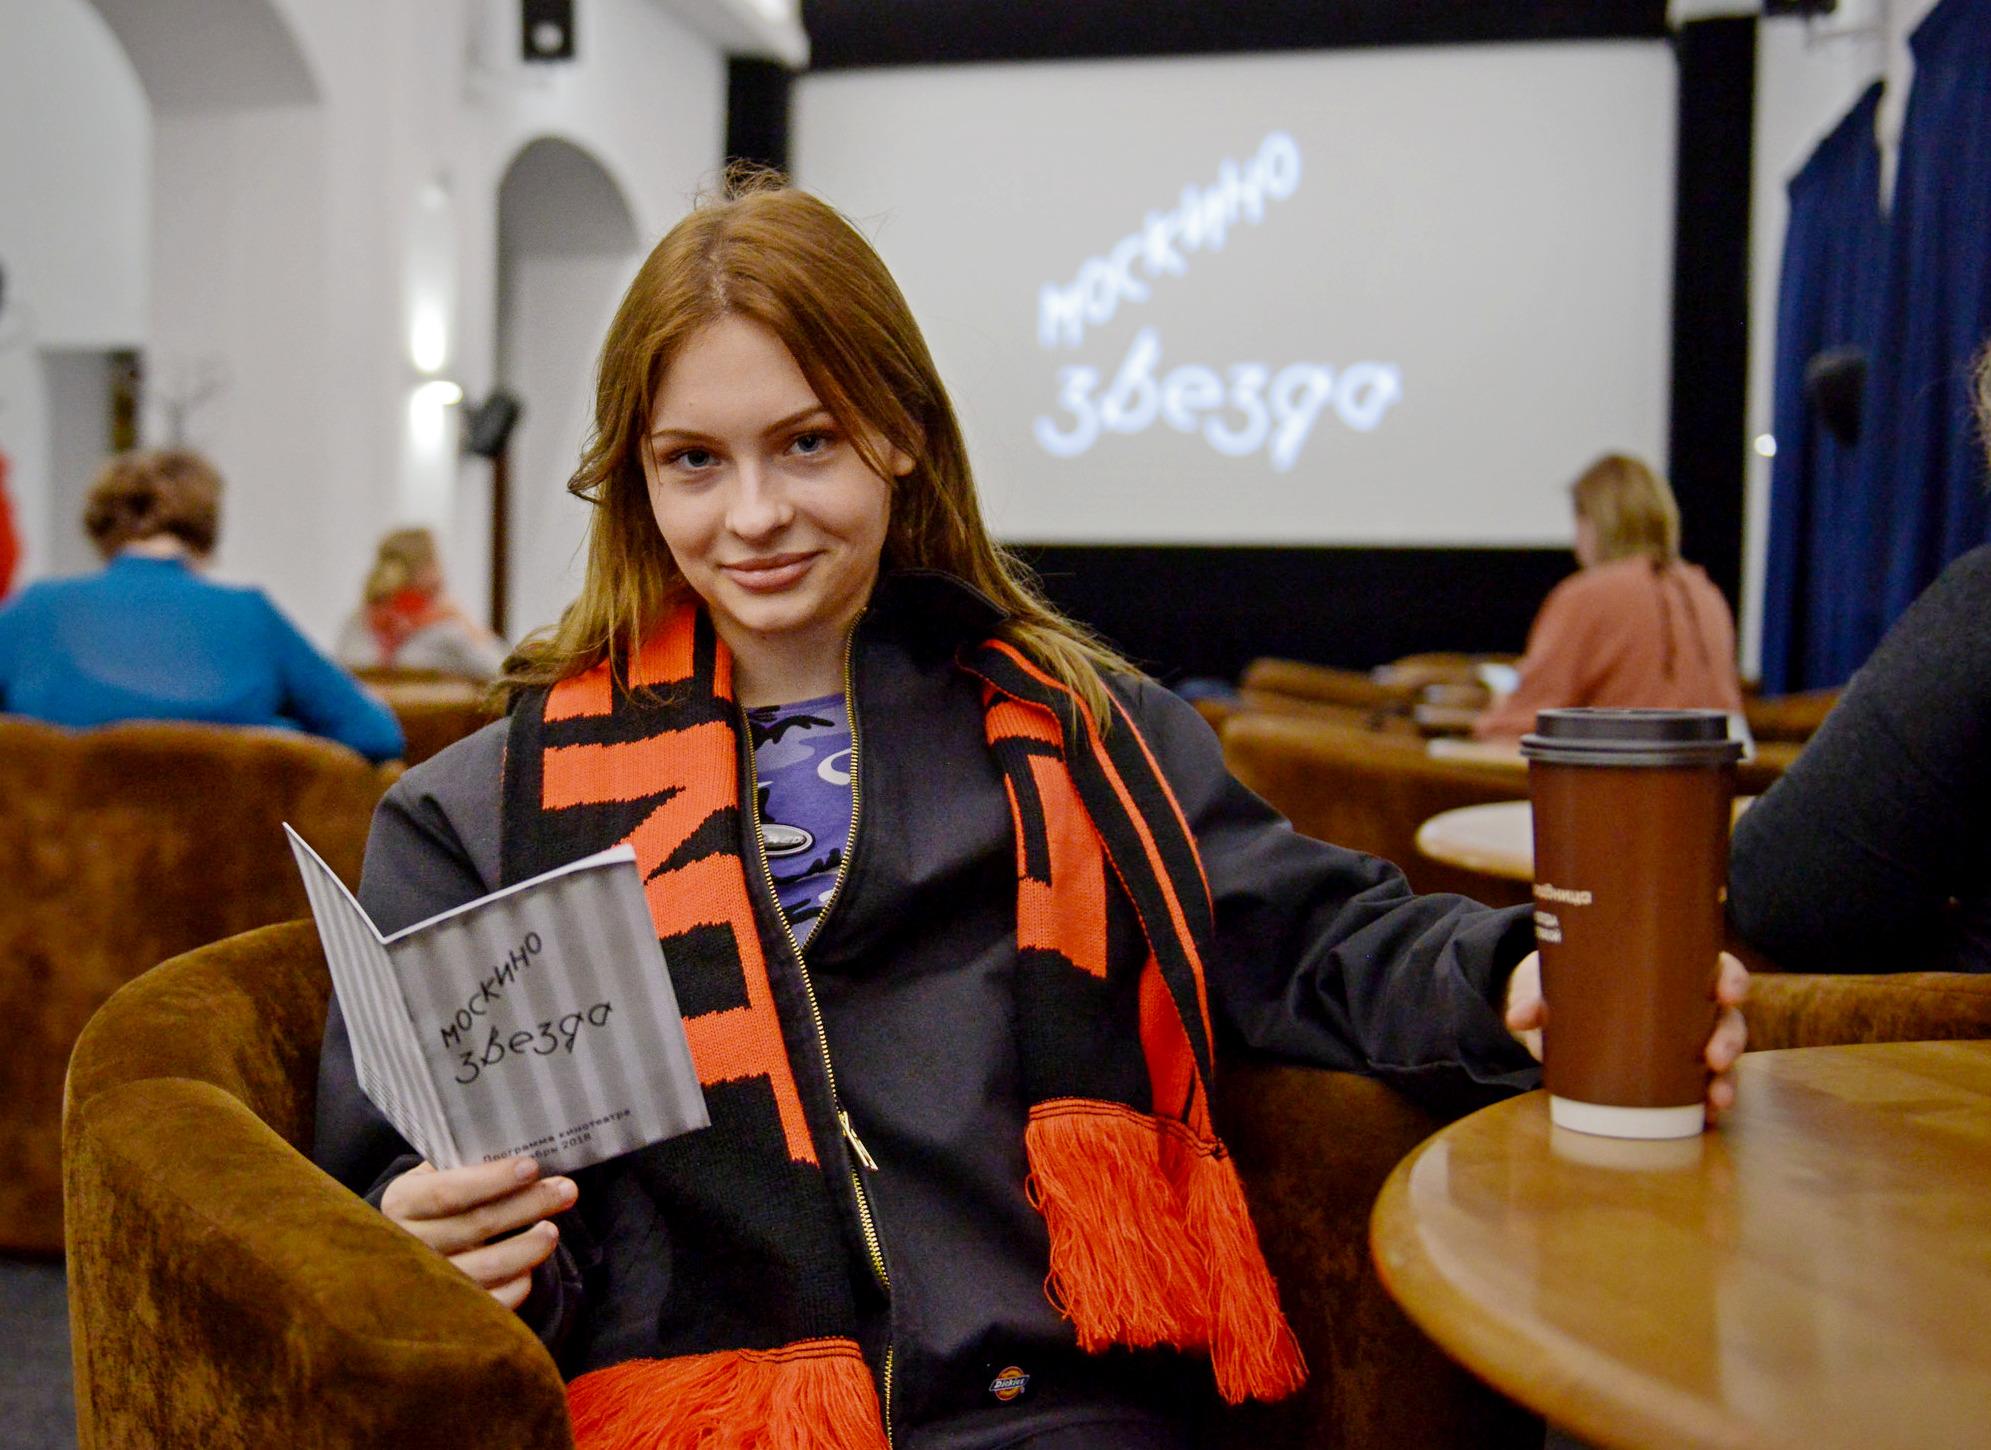 Москвичи определились с программой «Москино»